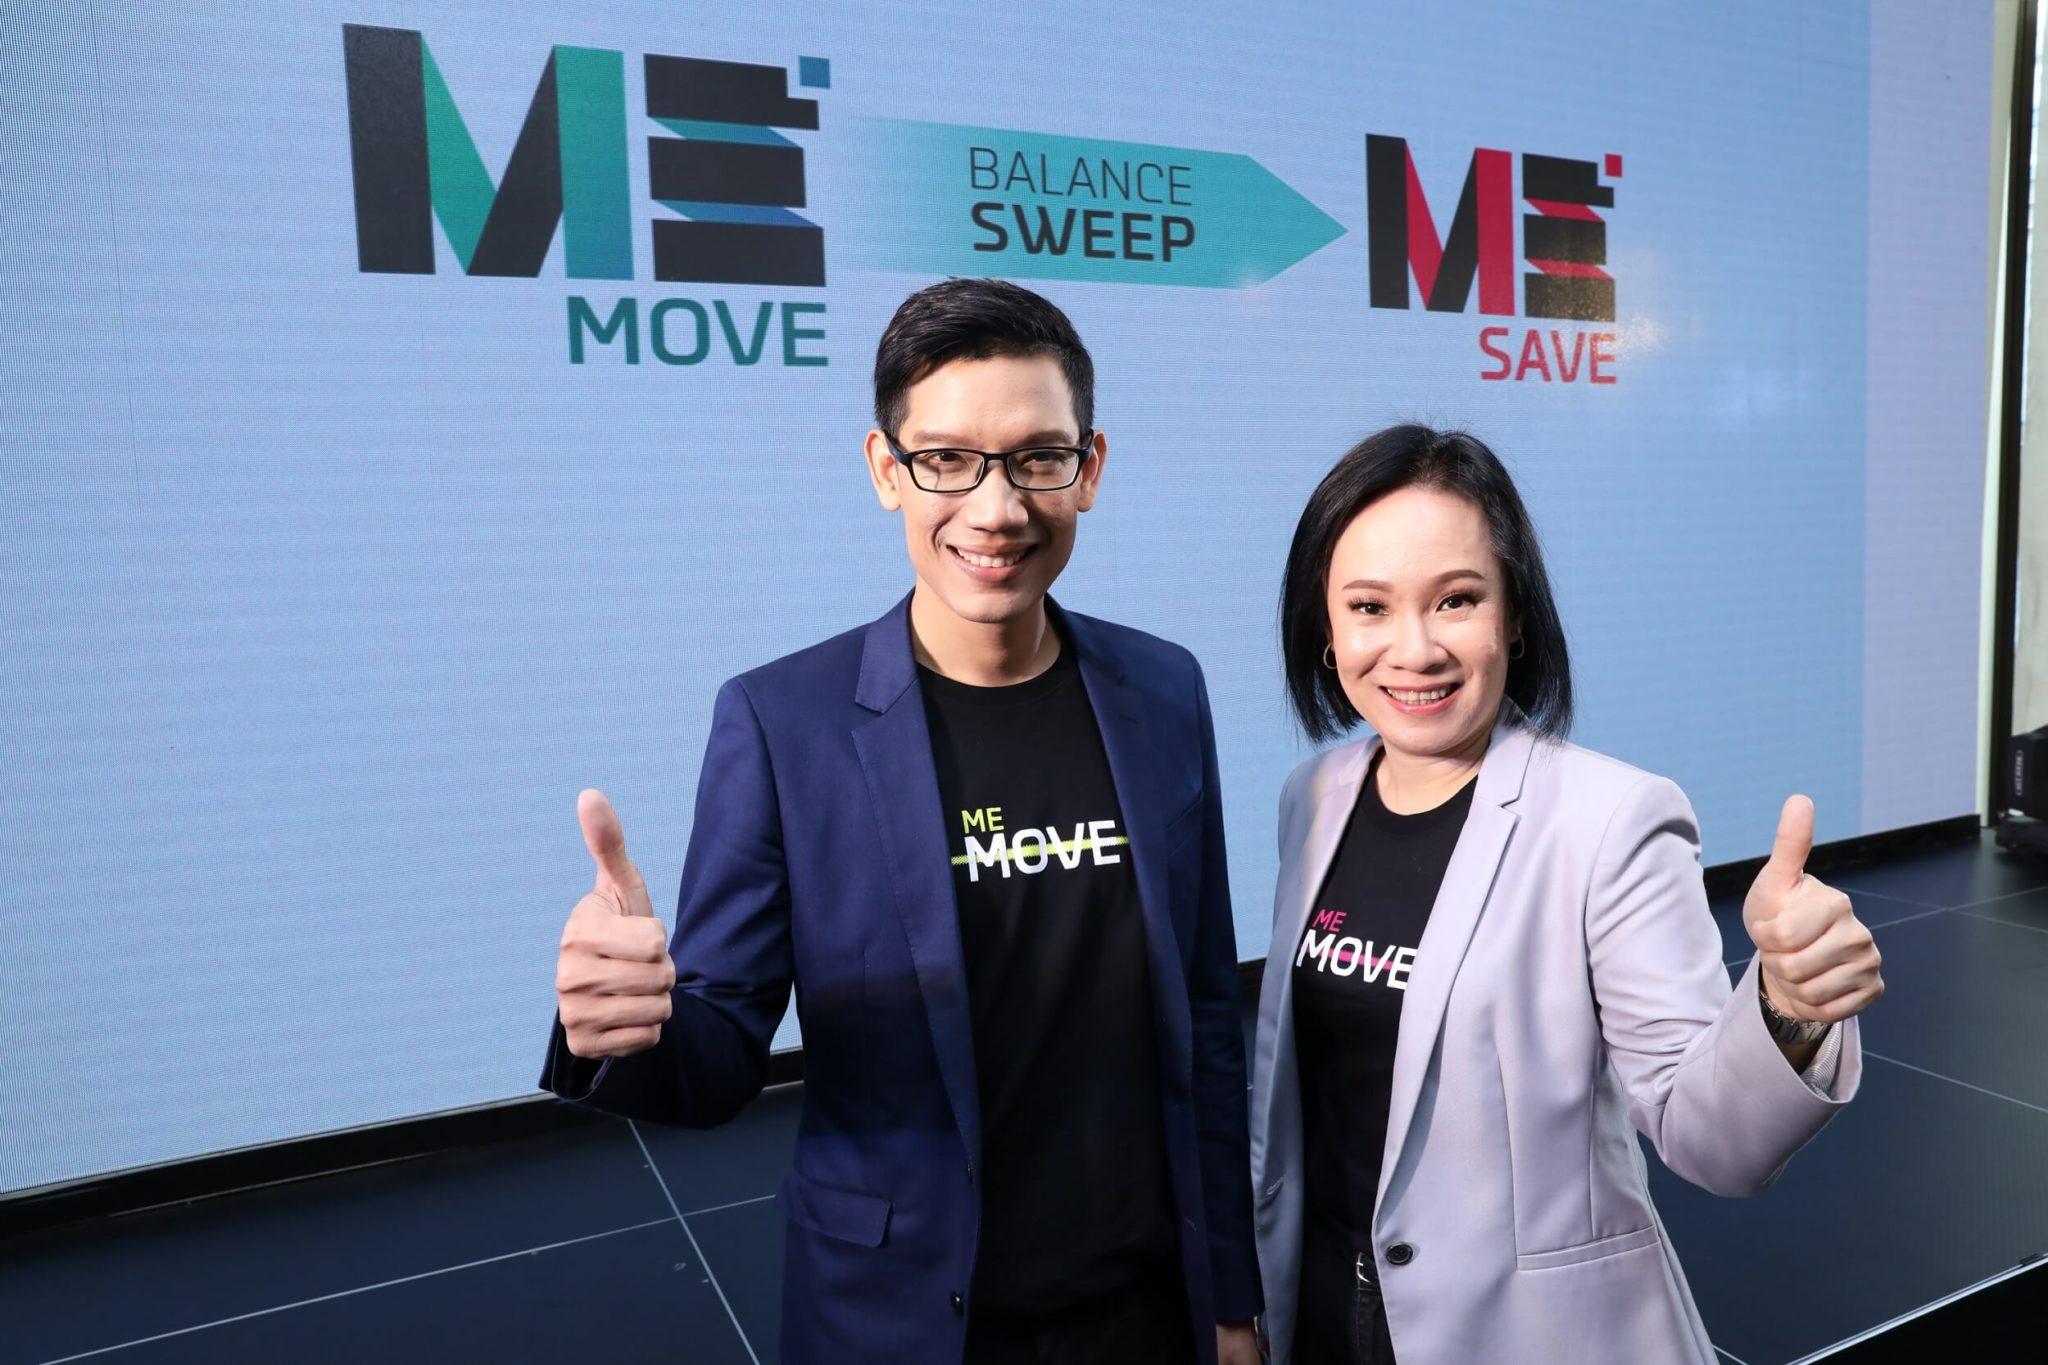 """ME by TMB ตอกย้ำผู้นำดิจิทัลแบงก์กิ้ง ส่ง """"ME MOVE"""" บัญชีใช้จ่ายใหม่  พร้อมฟังก์ชั่นปัดเงินอัตโนมัติ ไม่พลาดรับดอกสูงครั้งแรกในประเทศไทย"""